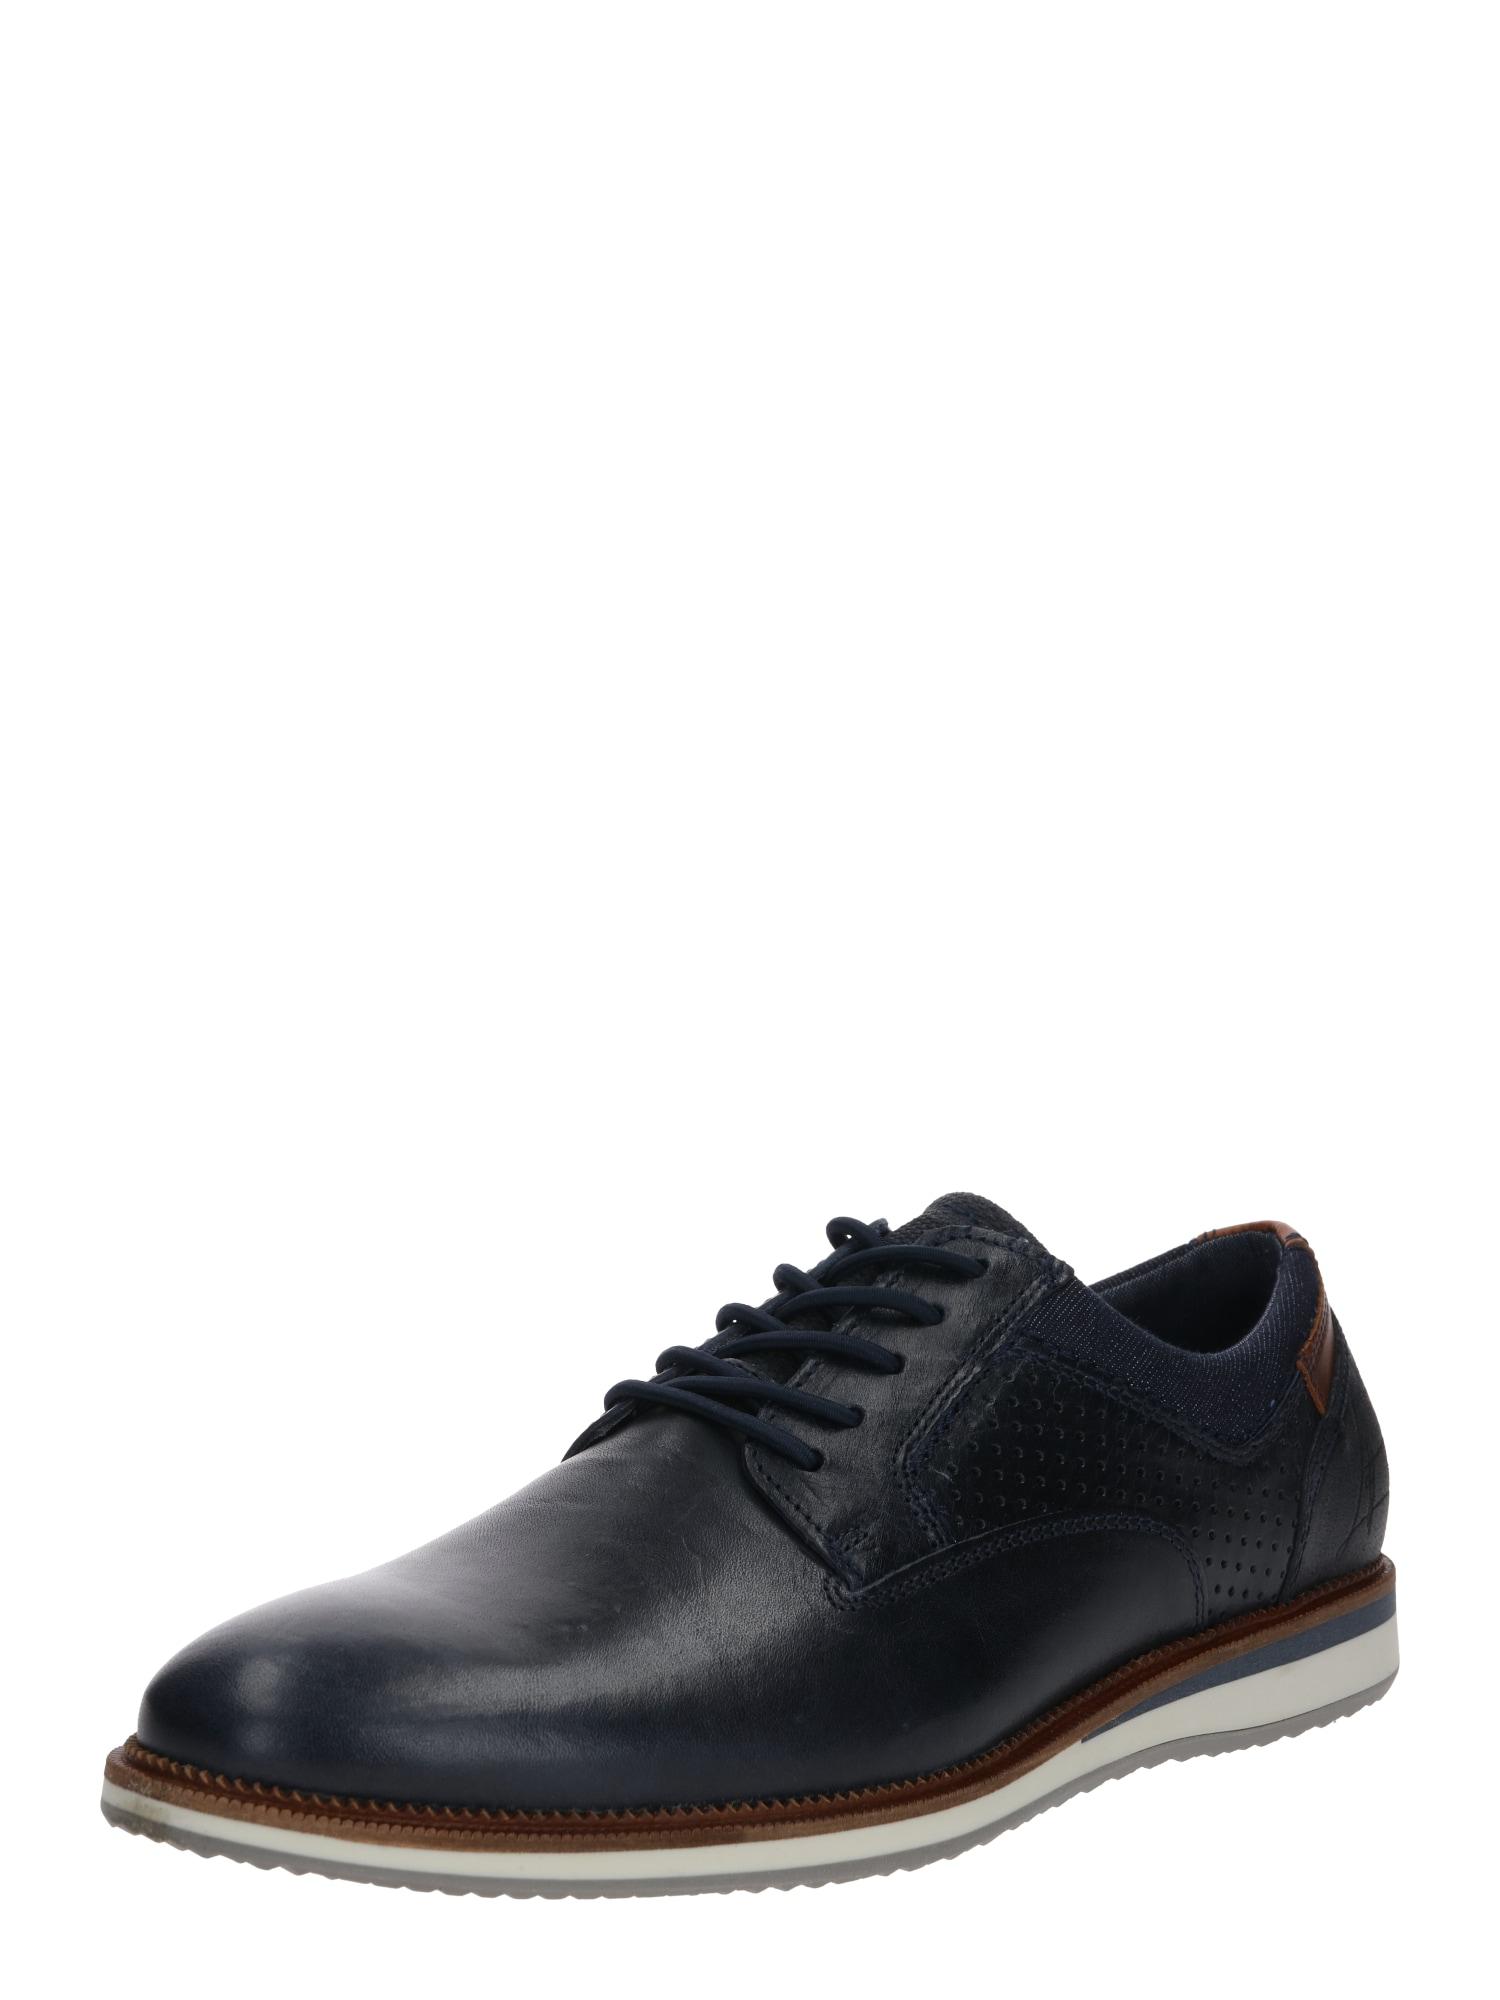 BULLBOXER Sportinio stiliaus batai su raišteliais kobalto mėlyna